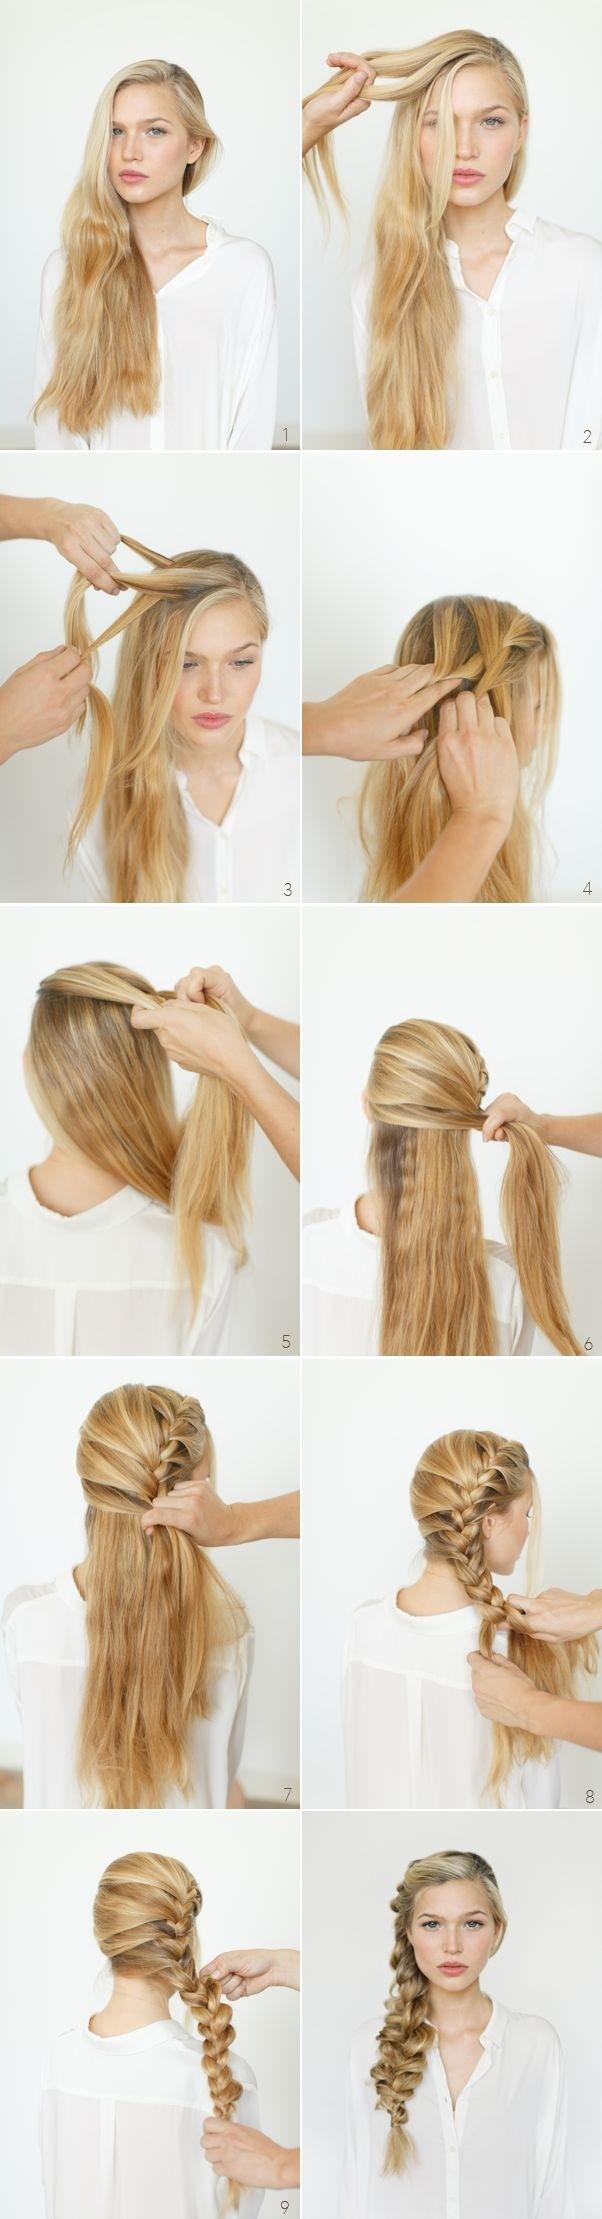 8 cute braided hairstyles for girls: long hair ideas